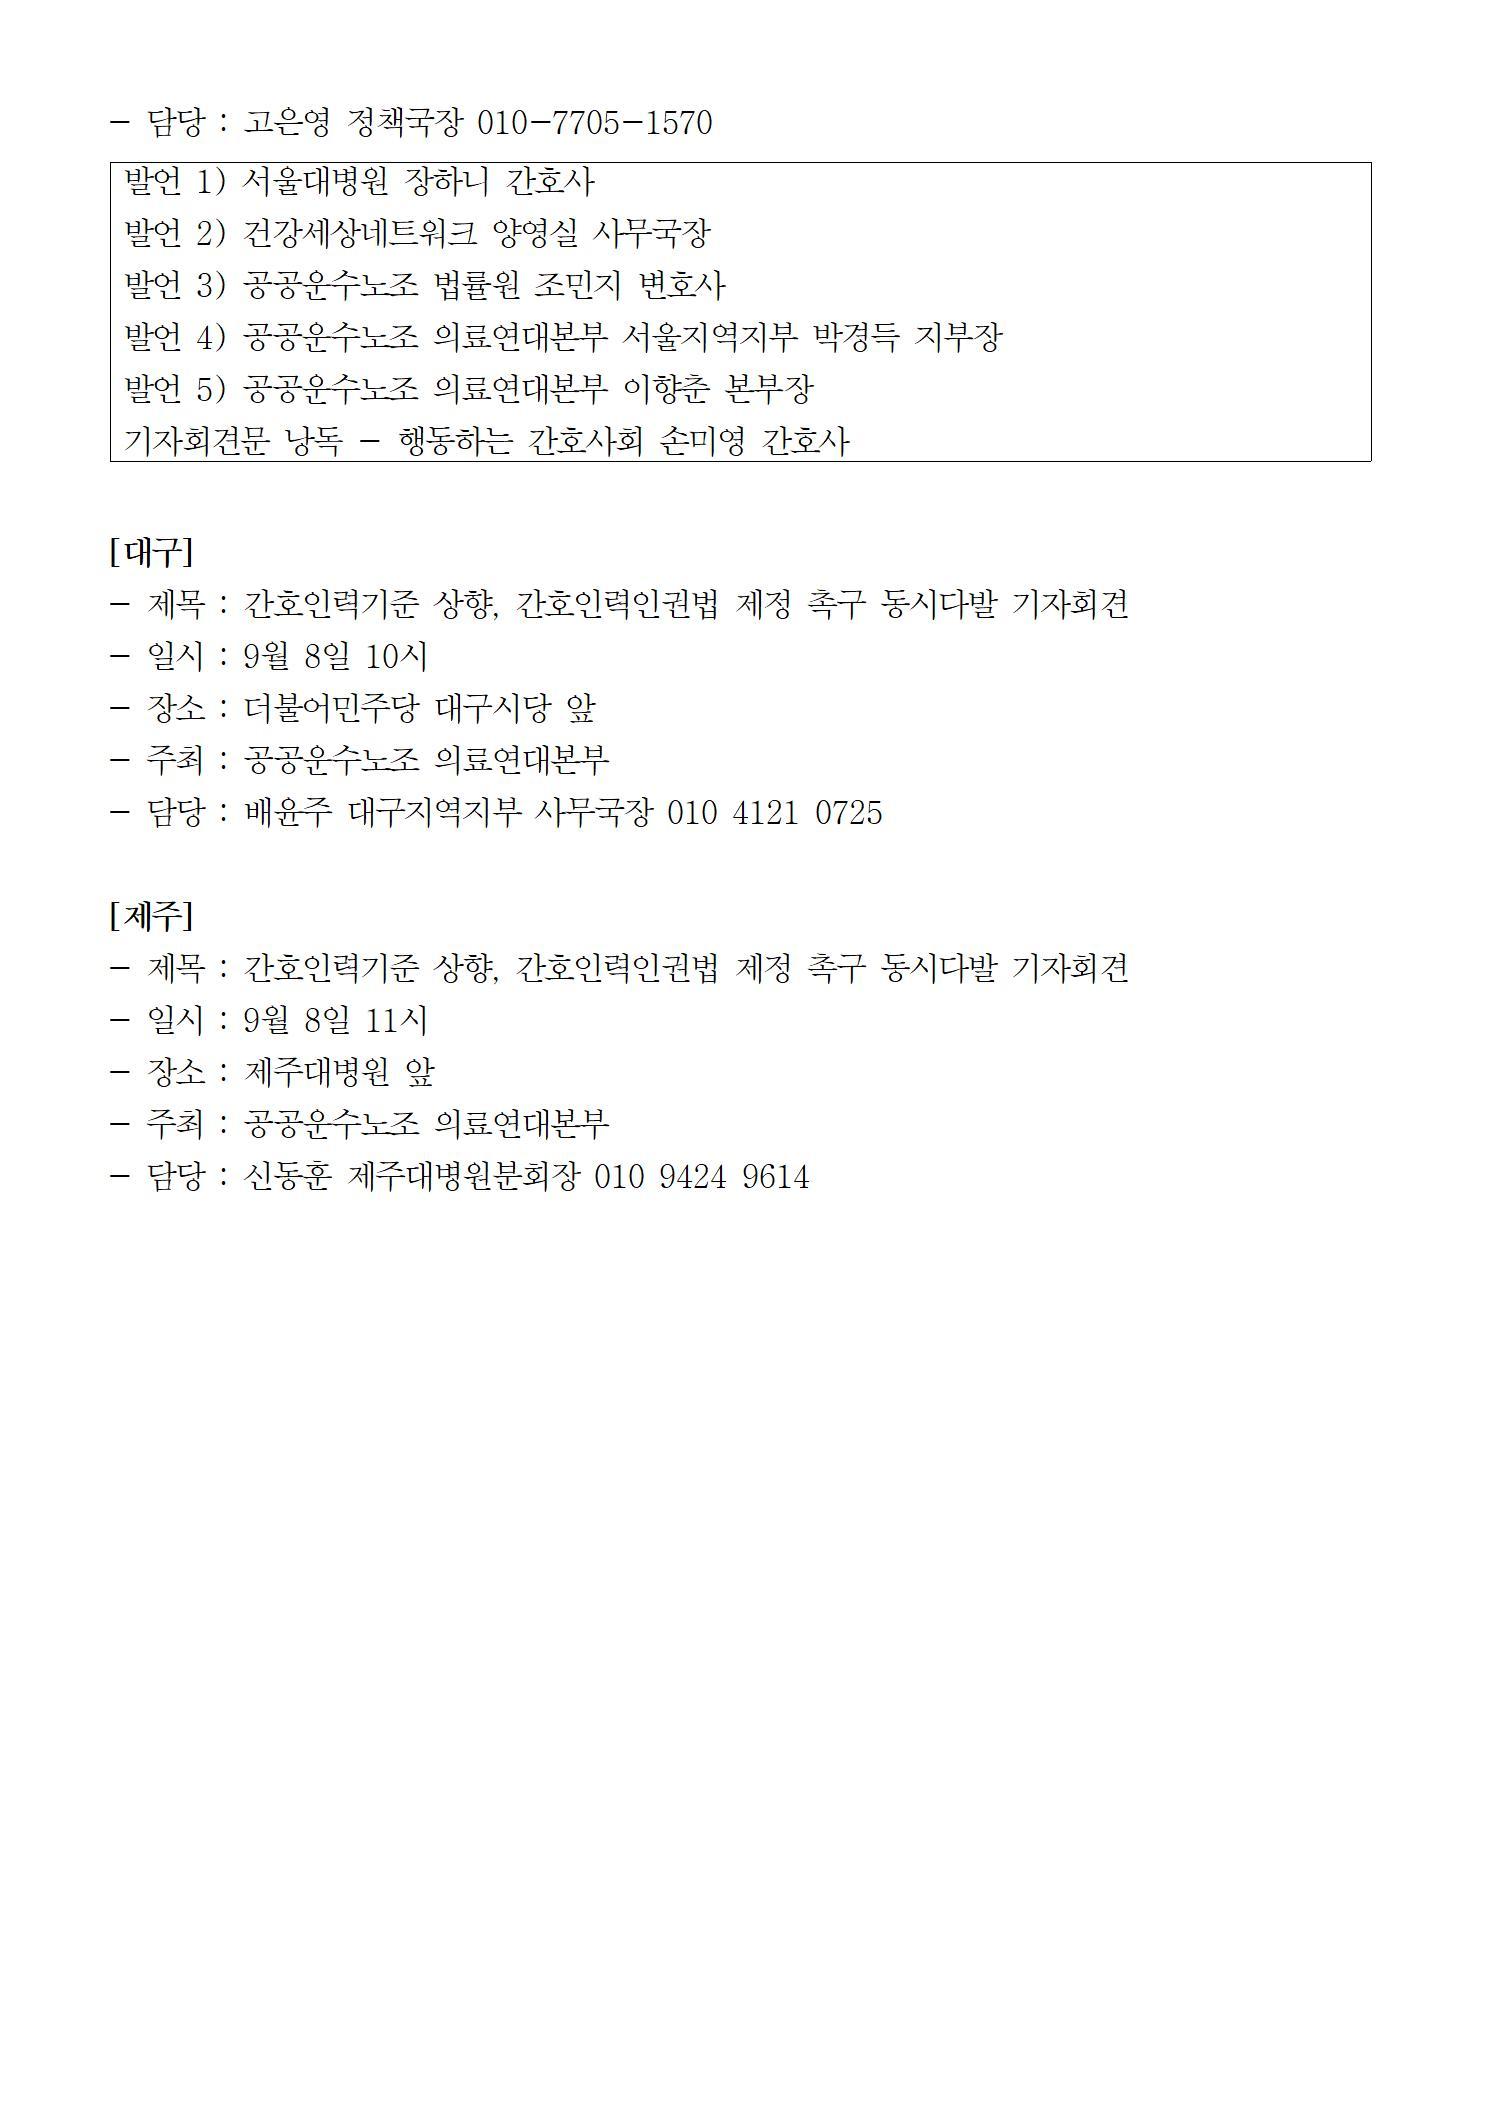 210907_[취재요청] 환자수법제화 촉구 기자회견(완)002.jpg